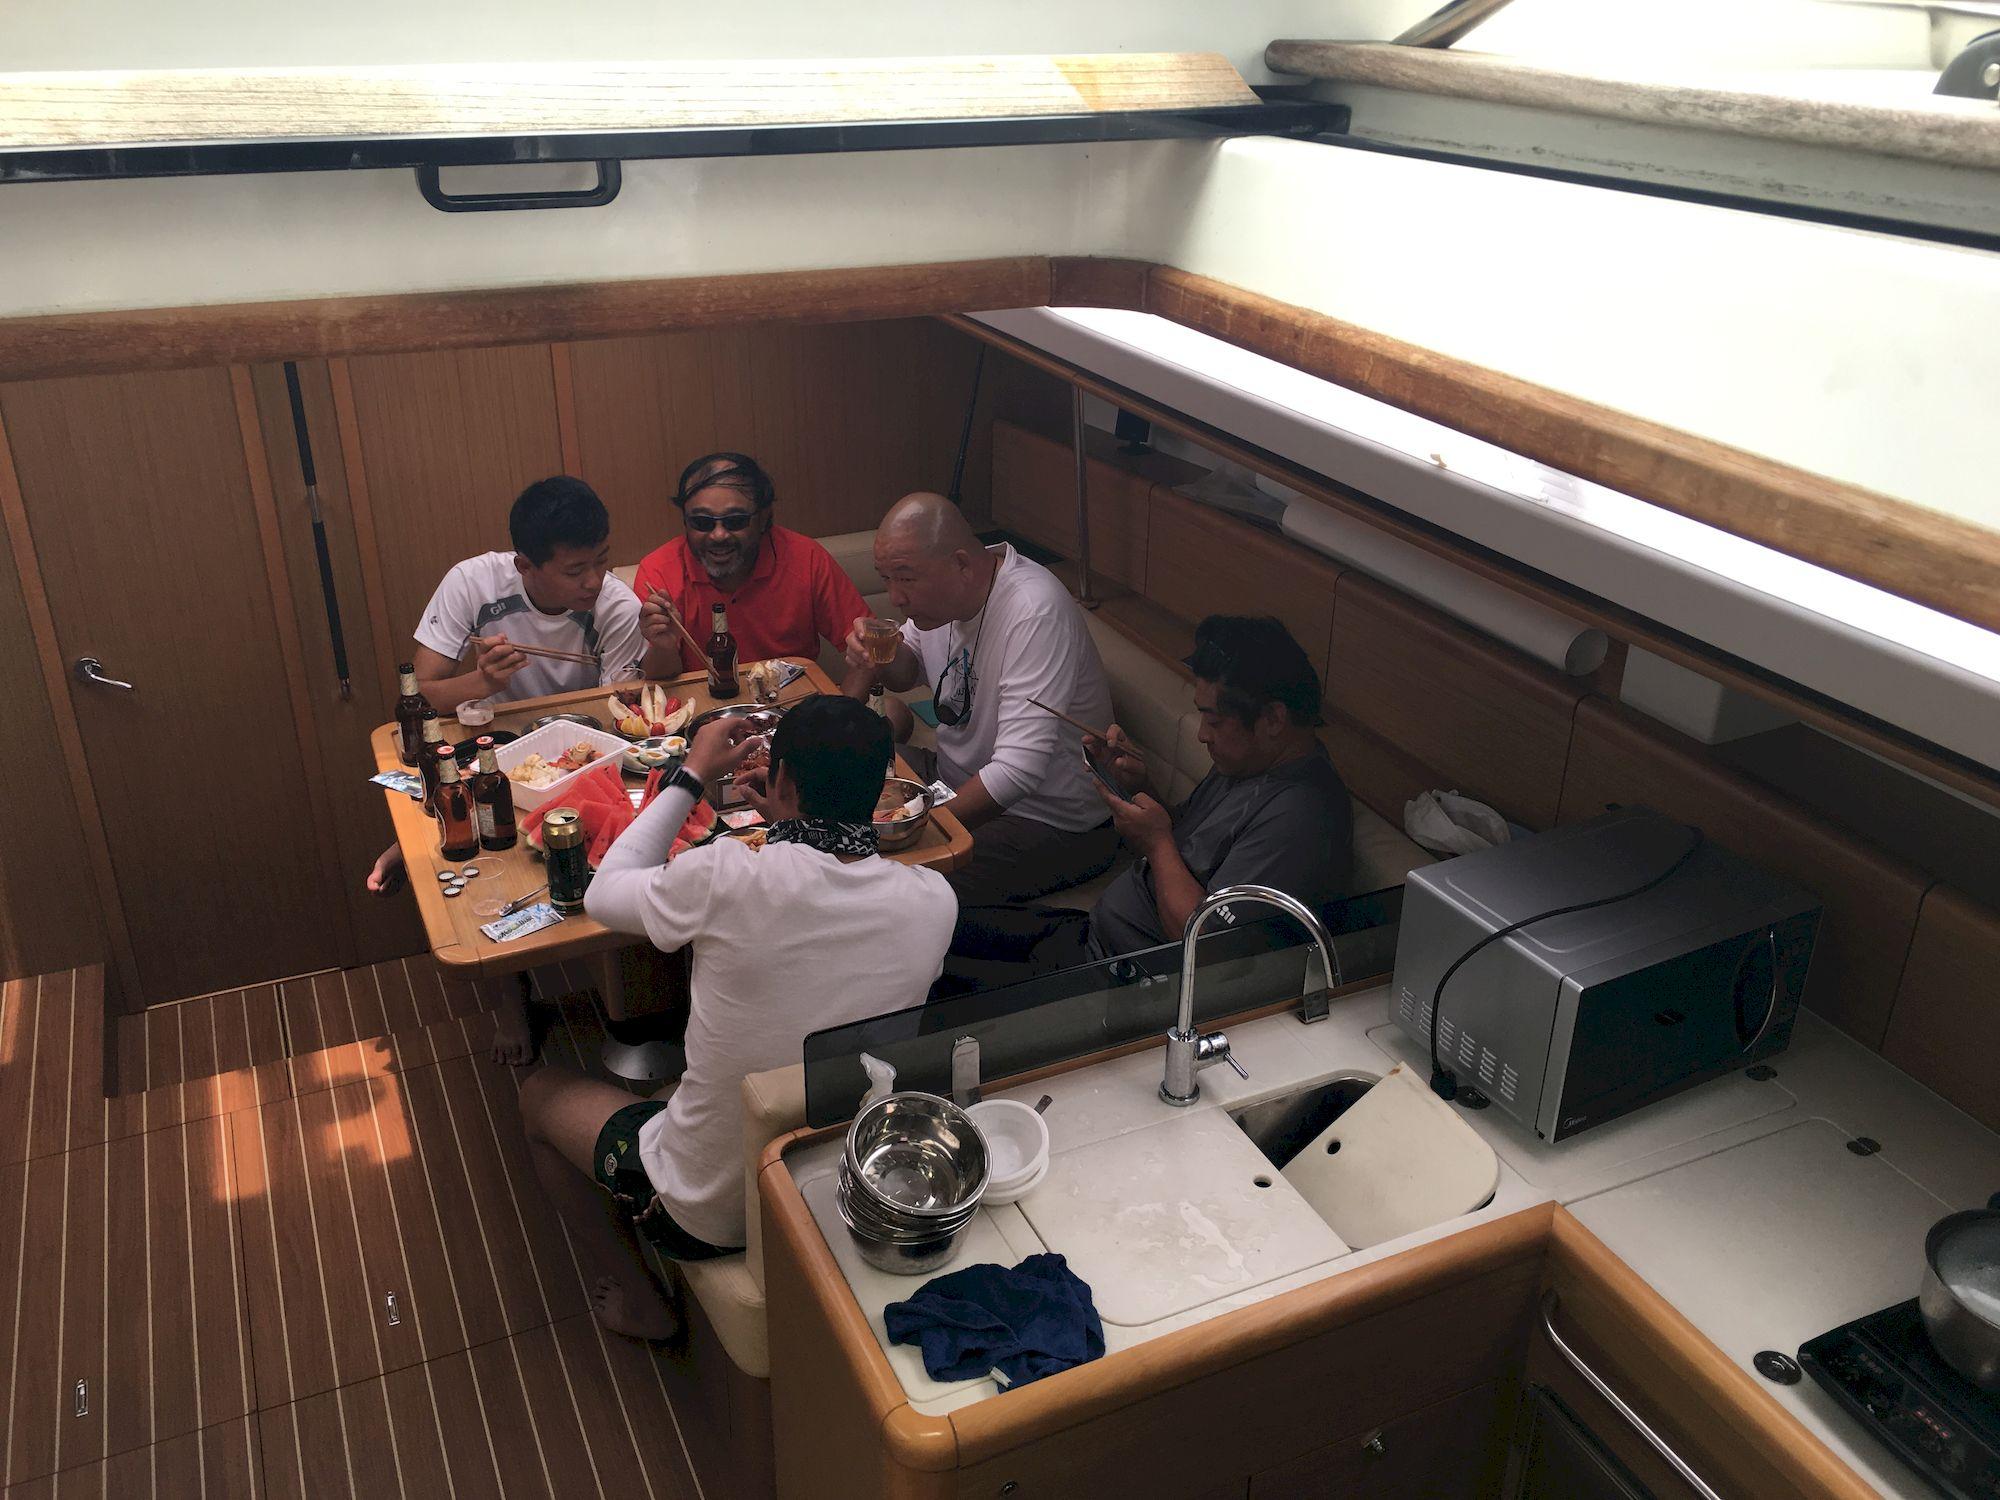 029-IMG_3345_千帆俱乐部我要航海网帆船队-2016威海-仁川国际帆船赛.JPG